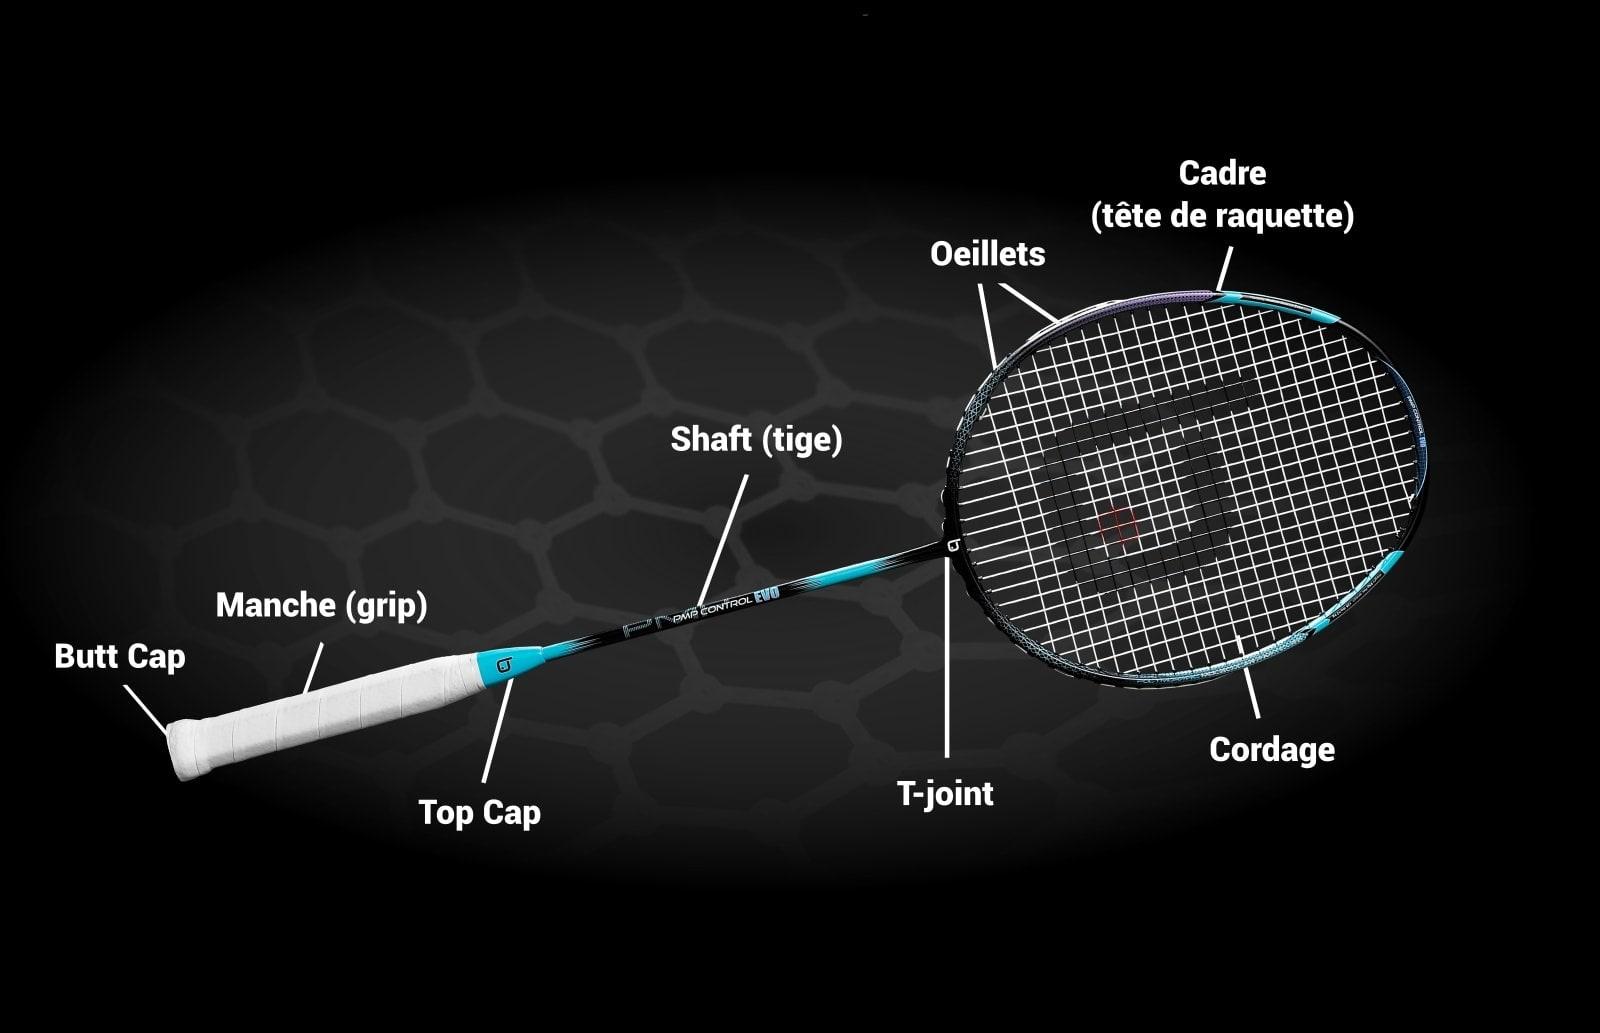 choisir raquette badminton